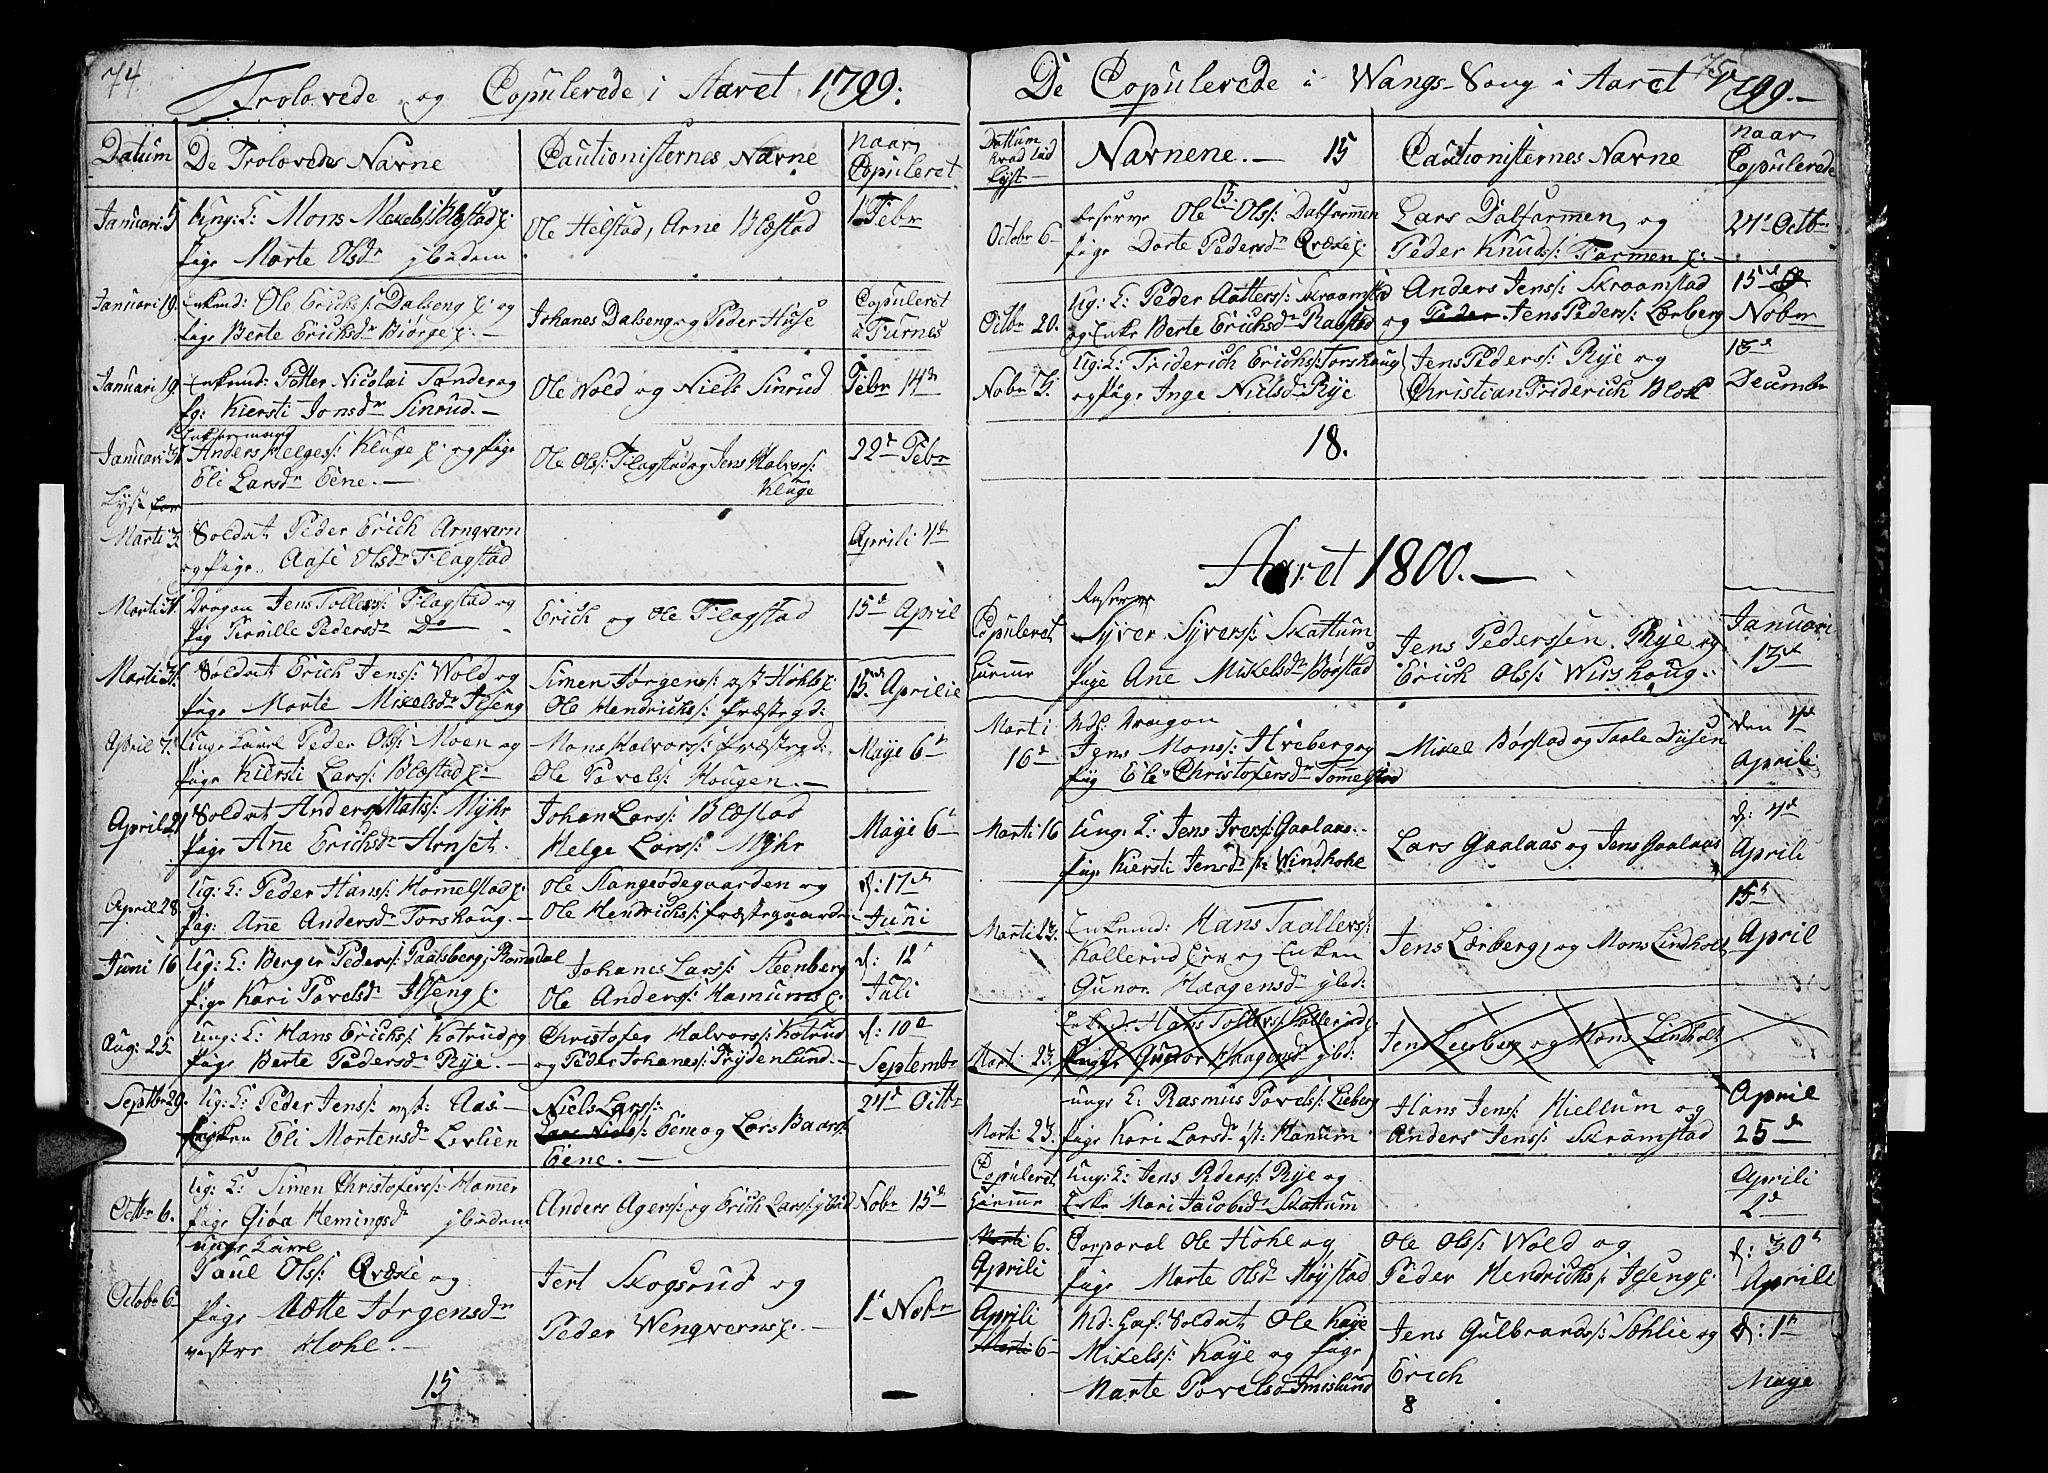 SAH, Vang prestekontor, Hedmark, H/Ha/Hab/L0002: Klokkerbok nr. 2, 1797-1803, s. 74-75